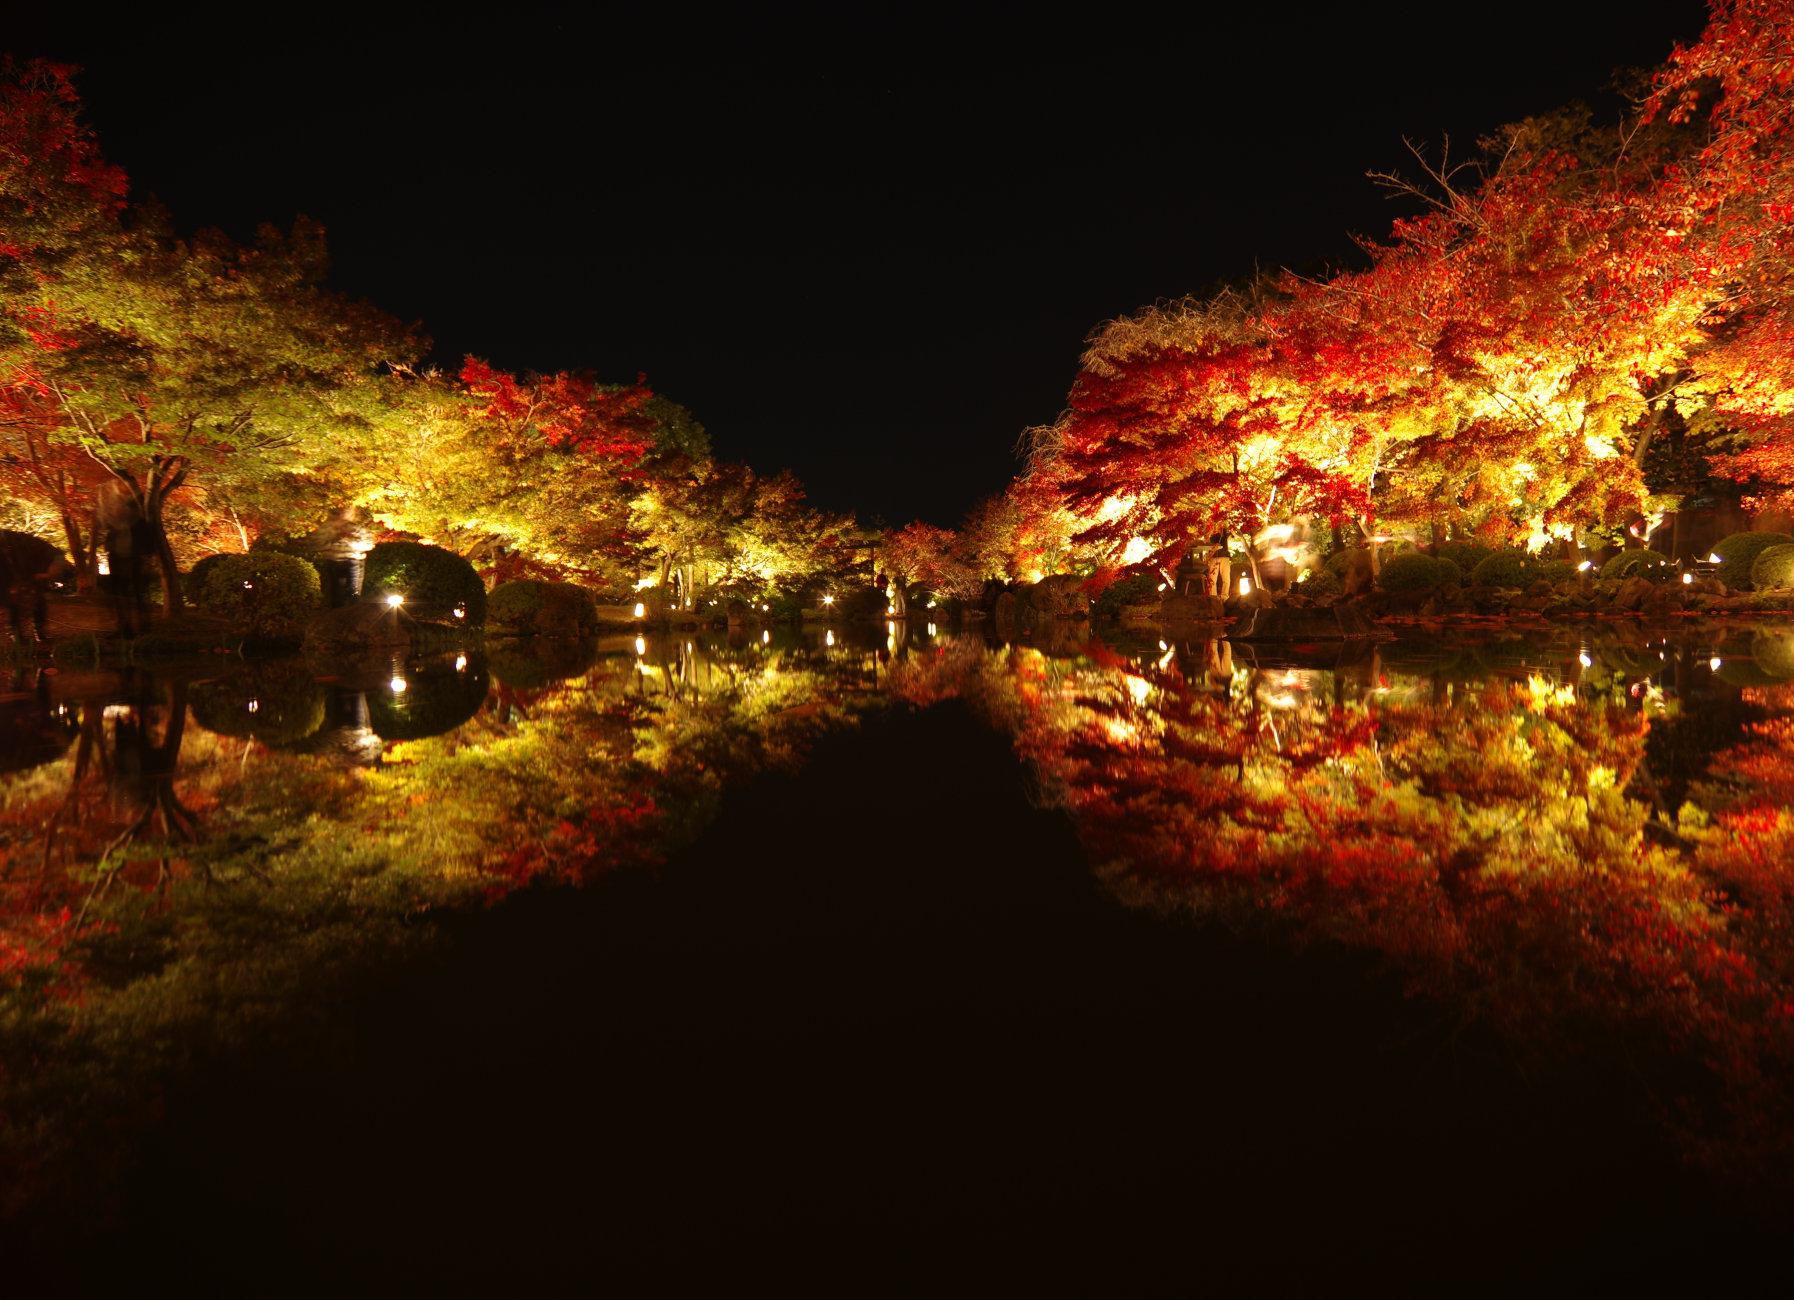 Autumn in night